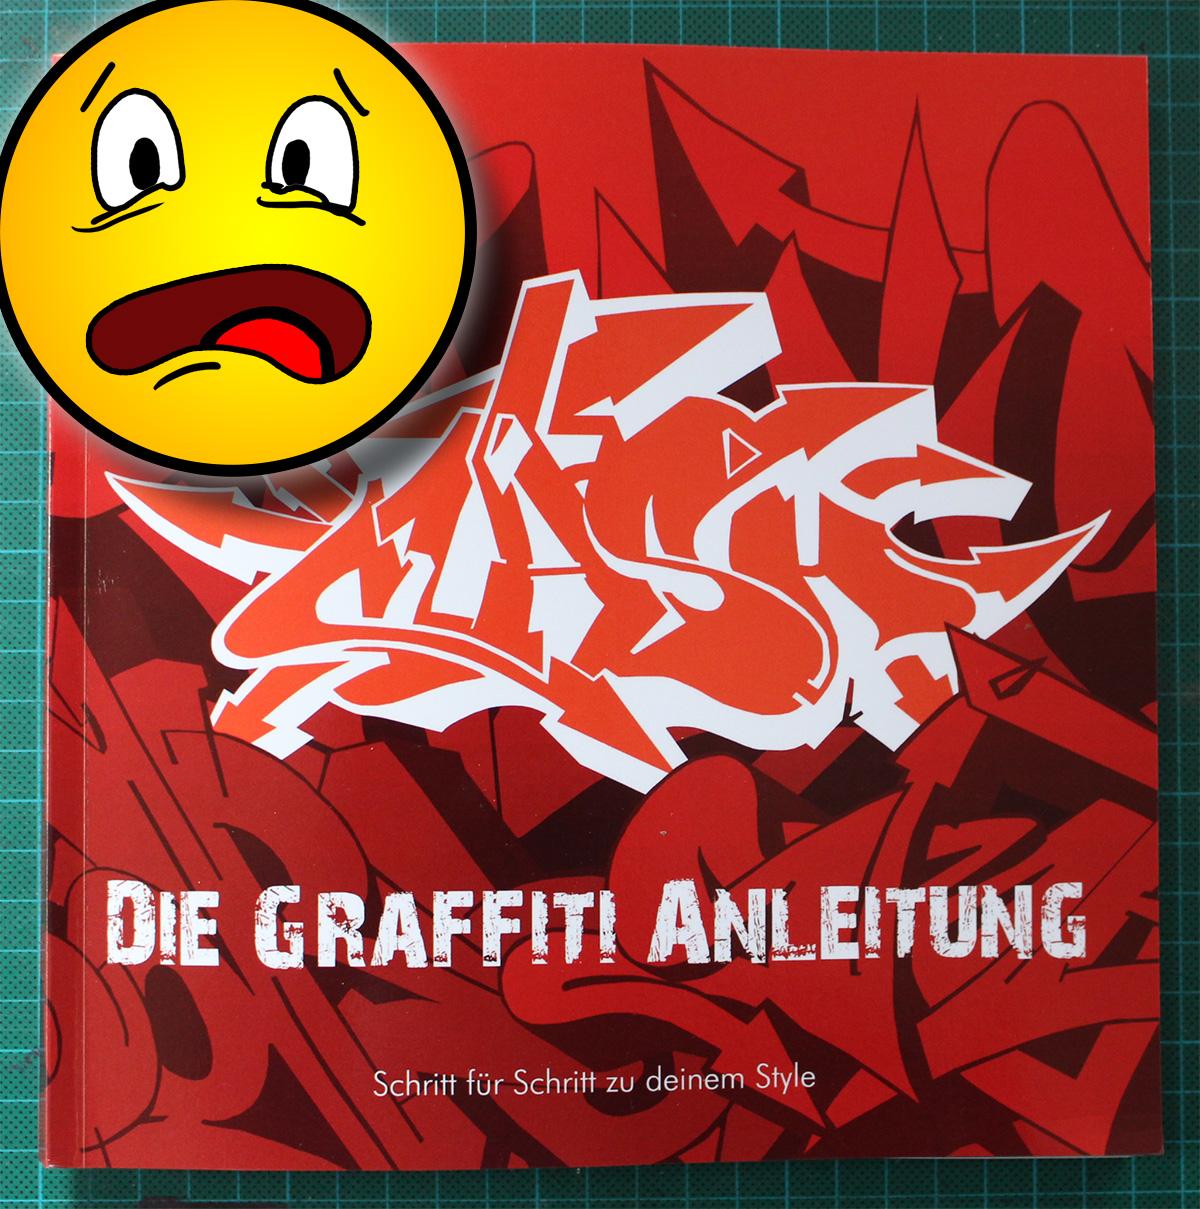 Buchkritik Die Graffiti Anleitung